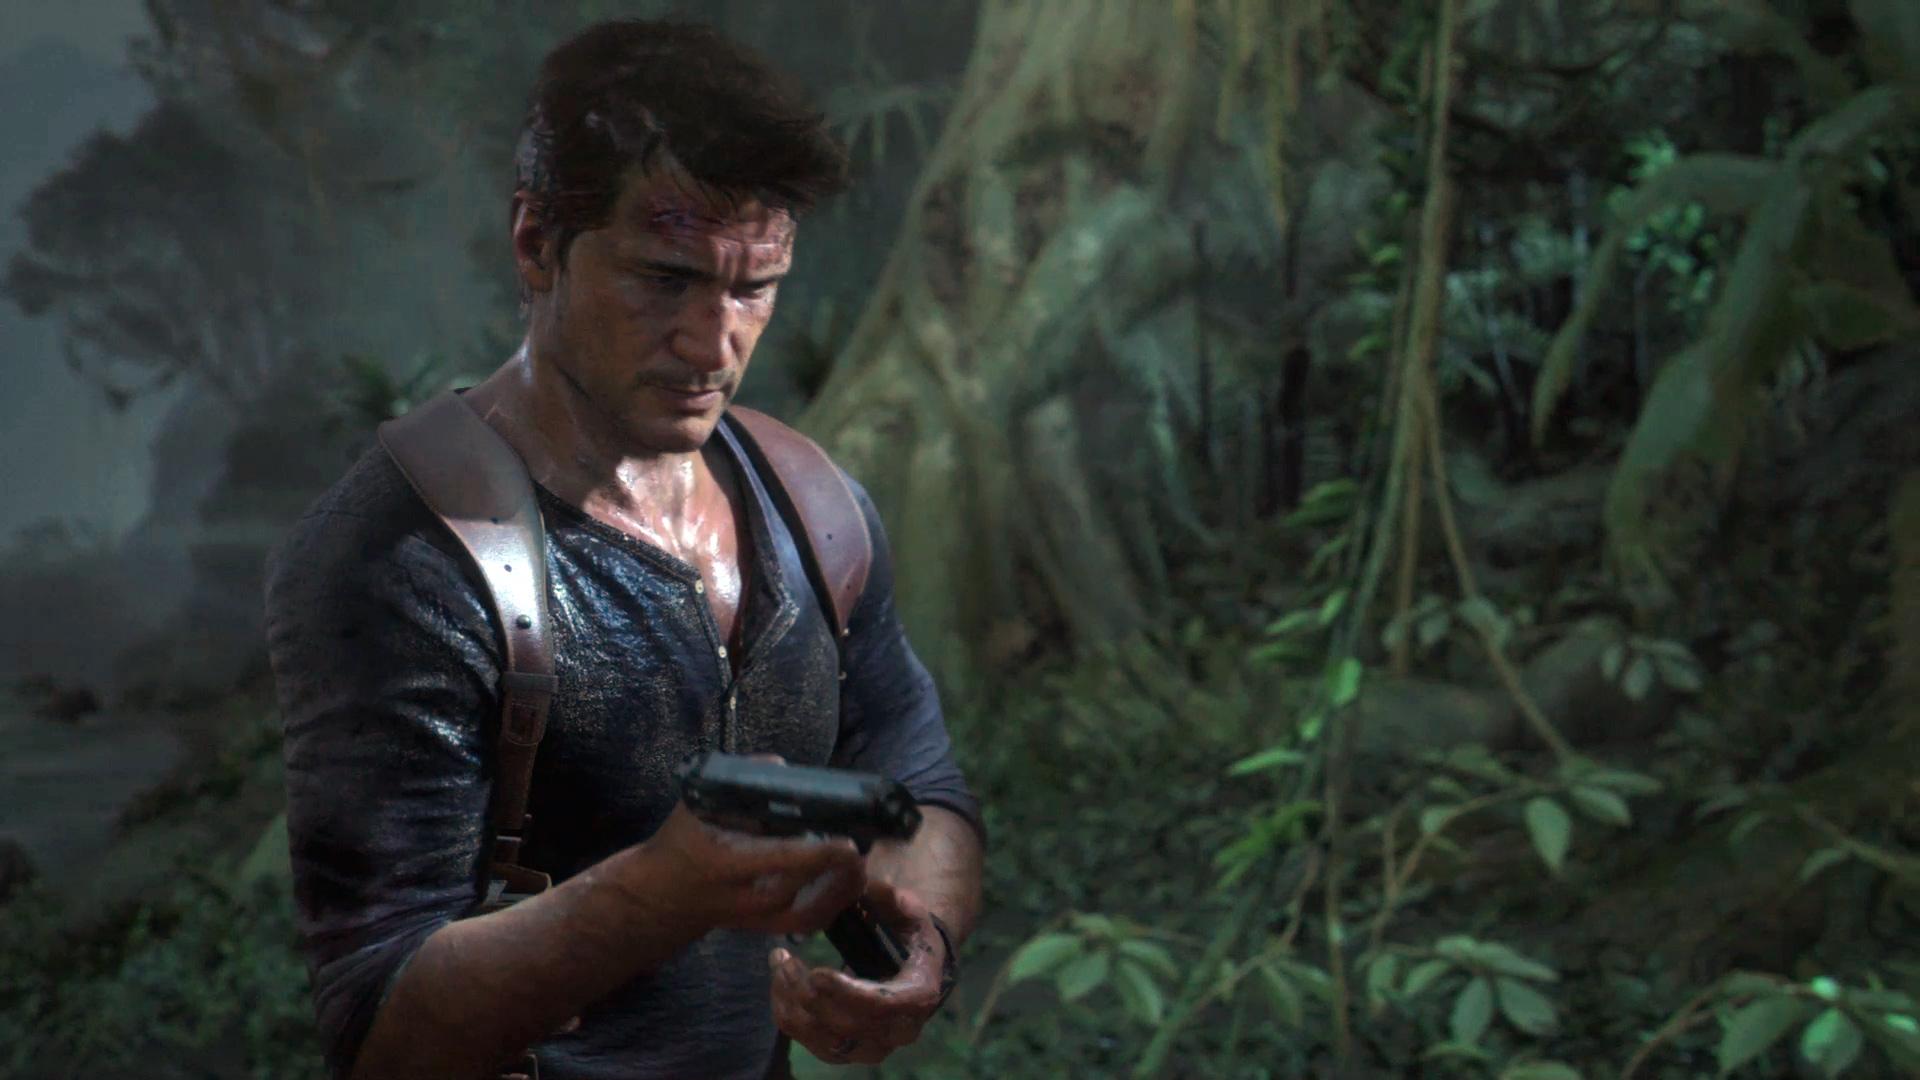 اطلاعات جدیدی از فیلمسینمایی Uncharted در دسترس قرار گرفت